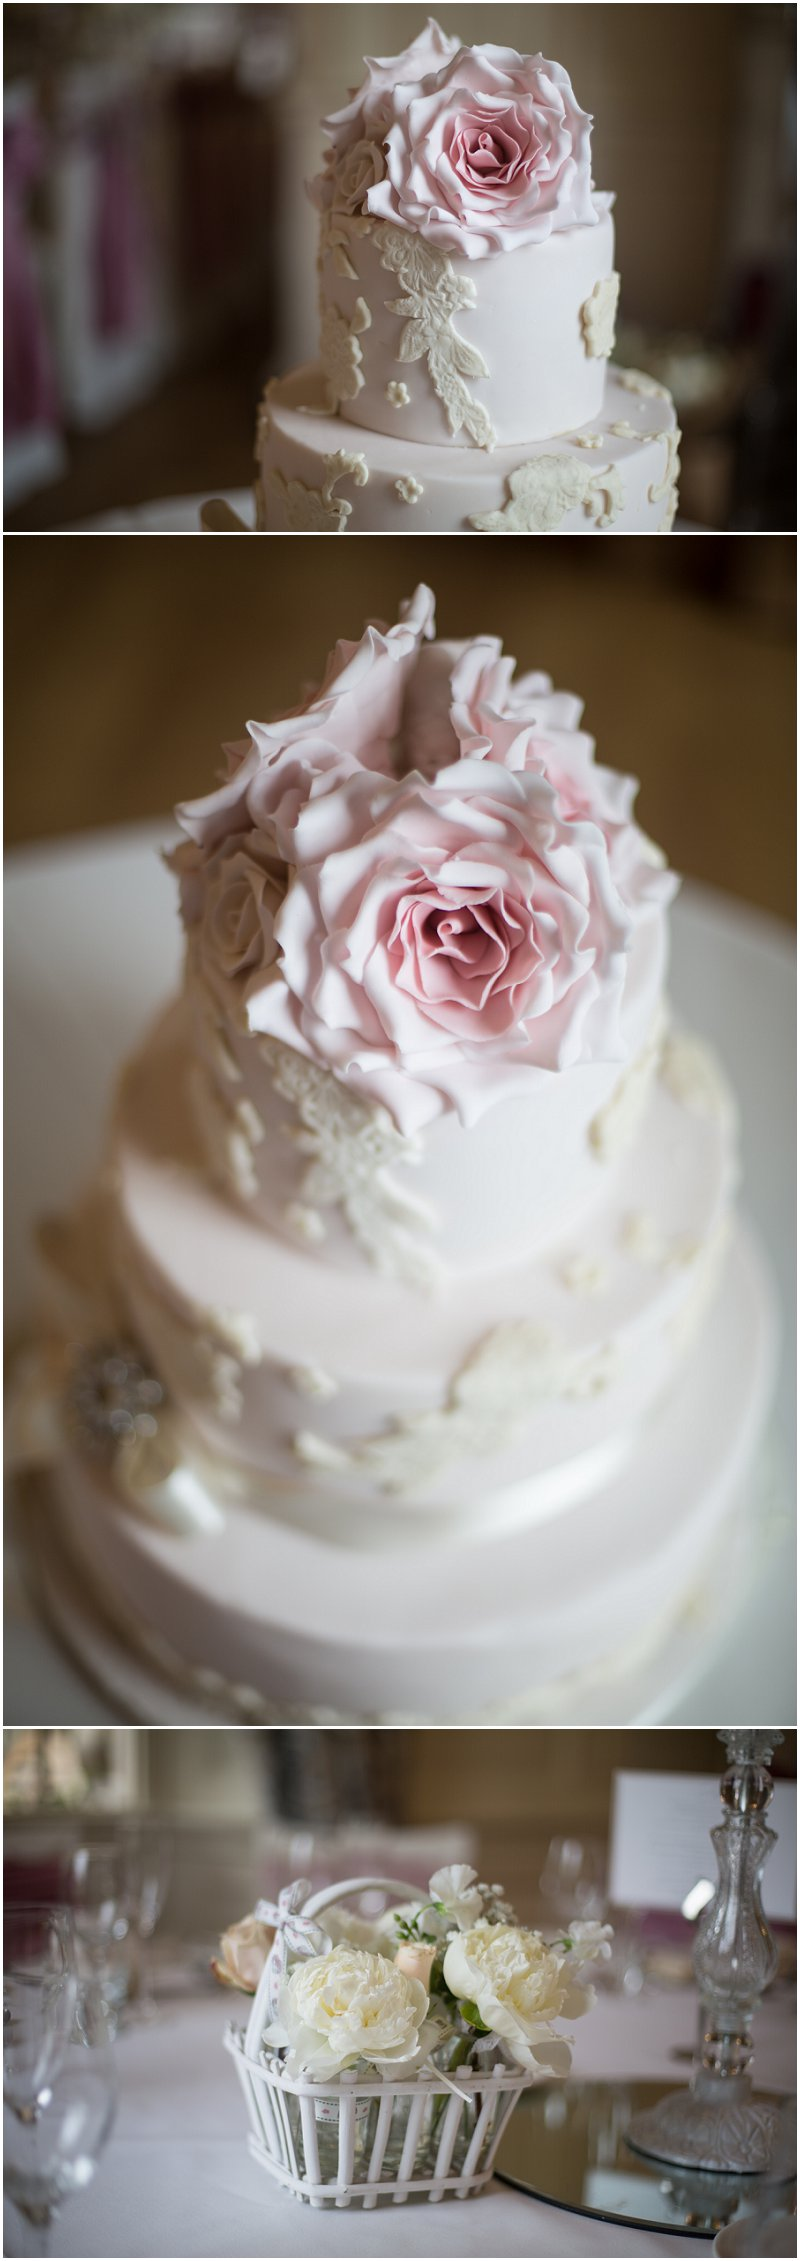 Beautiful Wedding Cake at Eaves Hall Lancashire